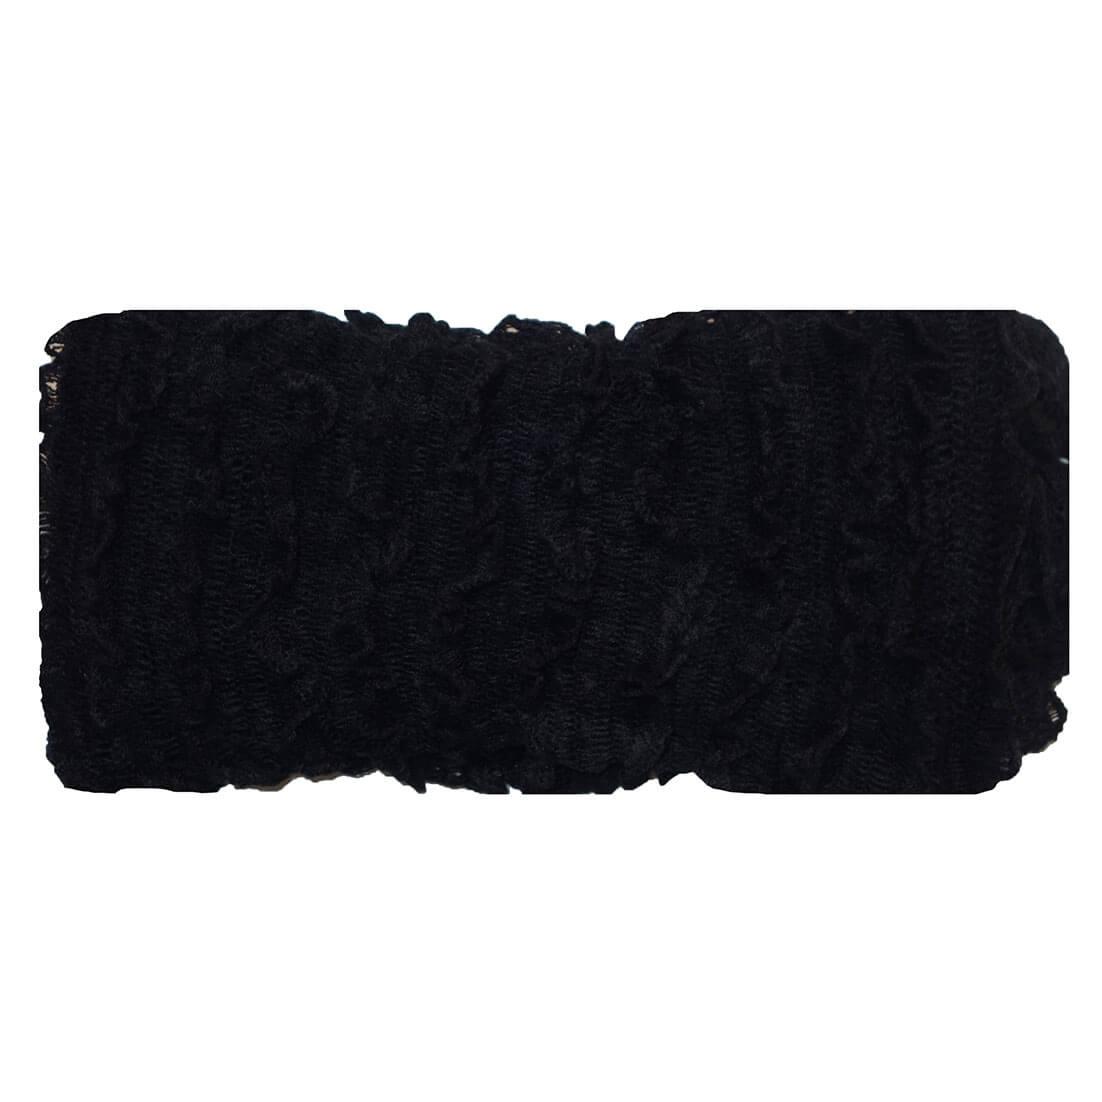 12e1b72fa44 colsjaal_sjaal_zwart_18052396-3 colsjaal_sjaal_zwart_18052396. Prachtige  gebreide winter colsjaal / sjaal ...